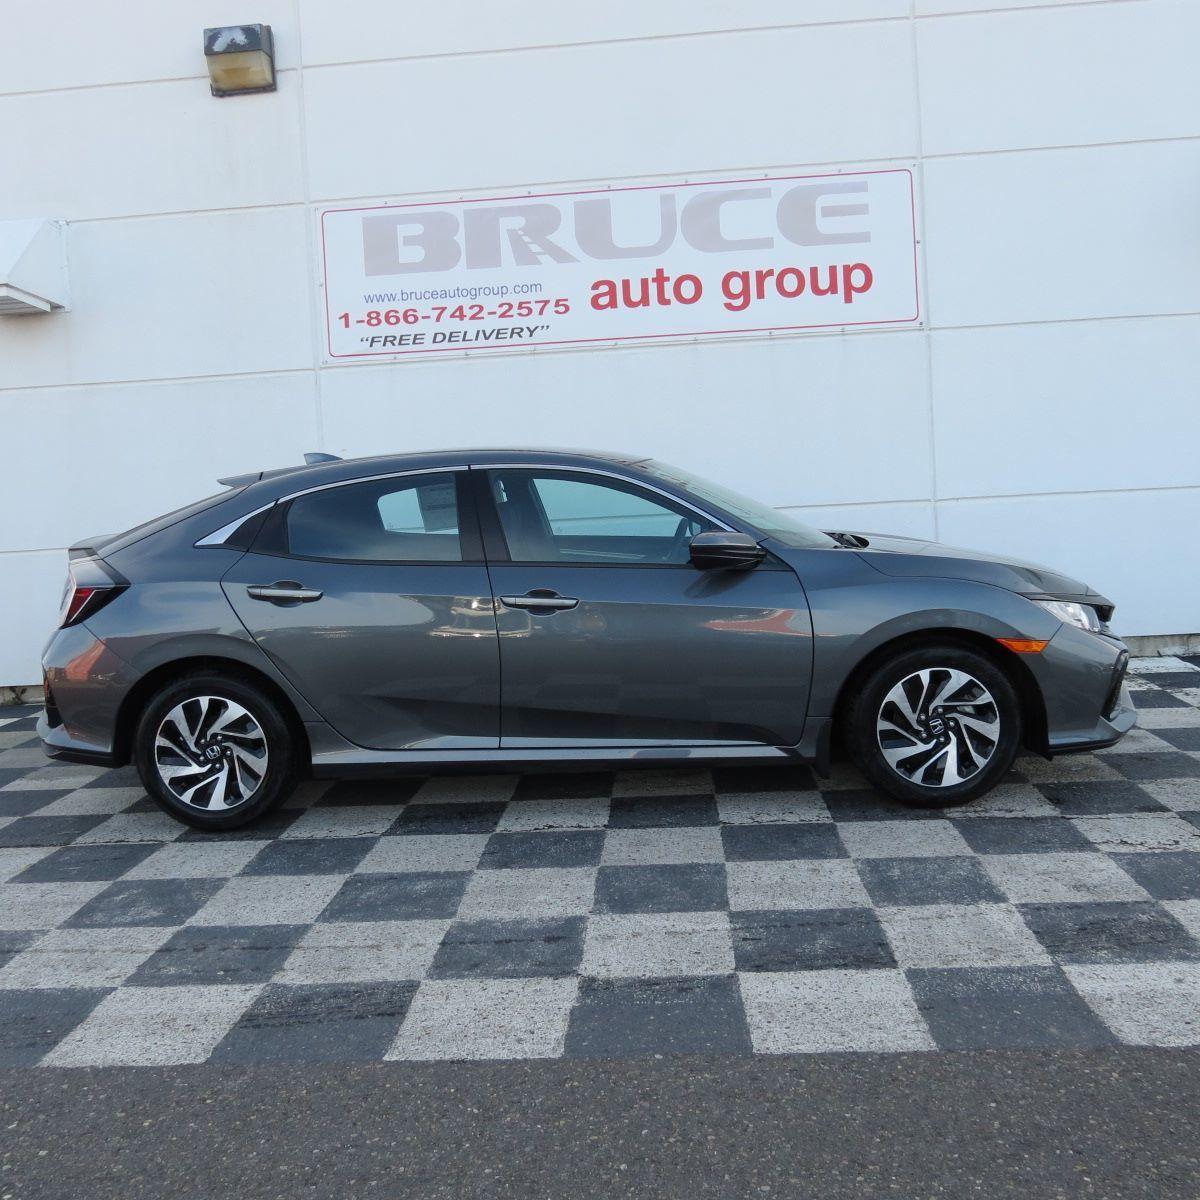 Showroom Showoff 2019 Civic Touring: New 2017 Honda Civic LX 1.5L 4 CYL TURBO CVT FWD 5D